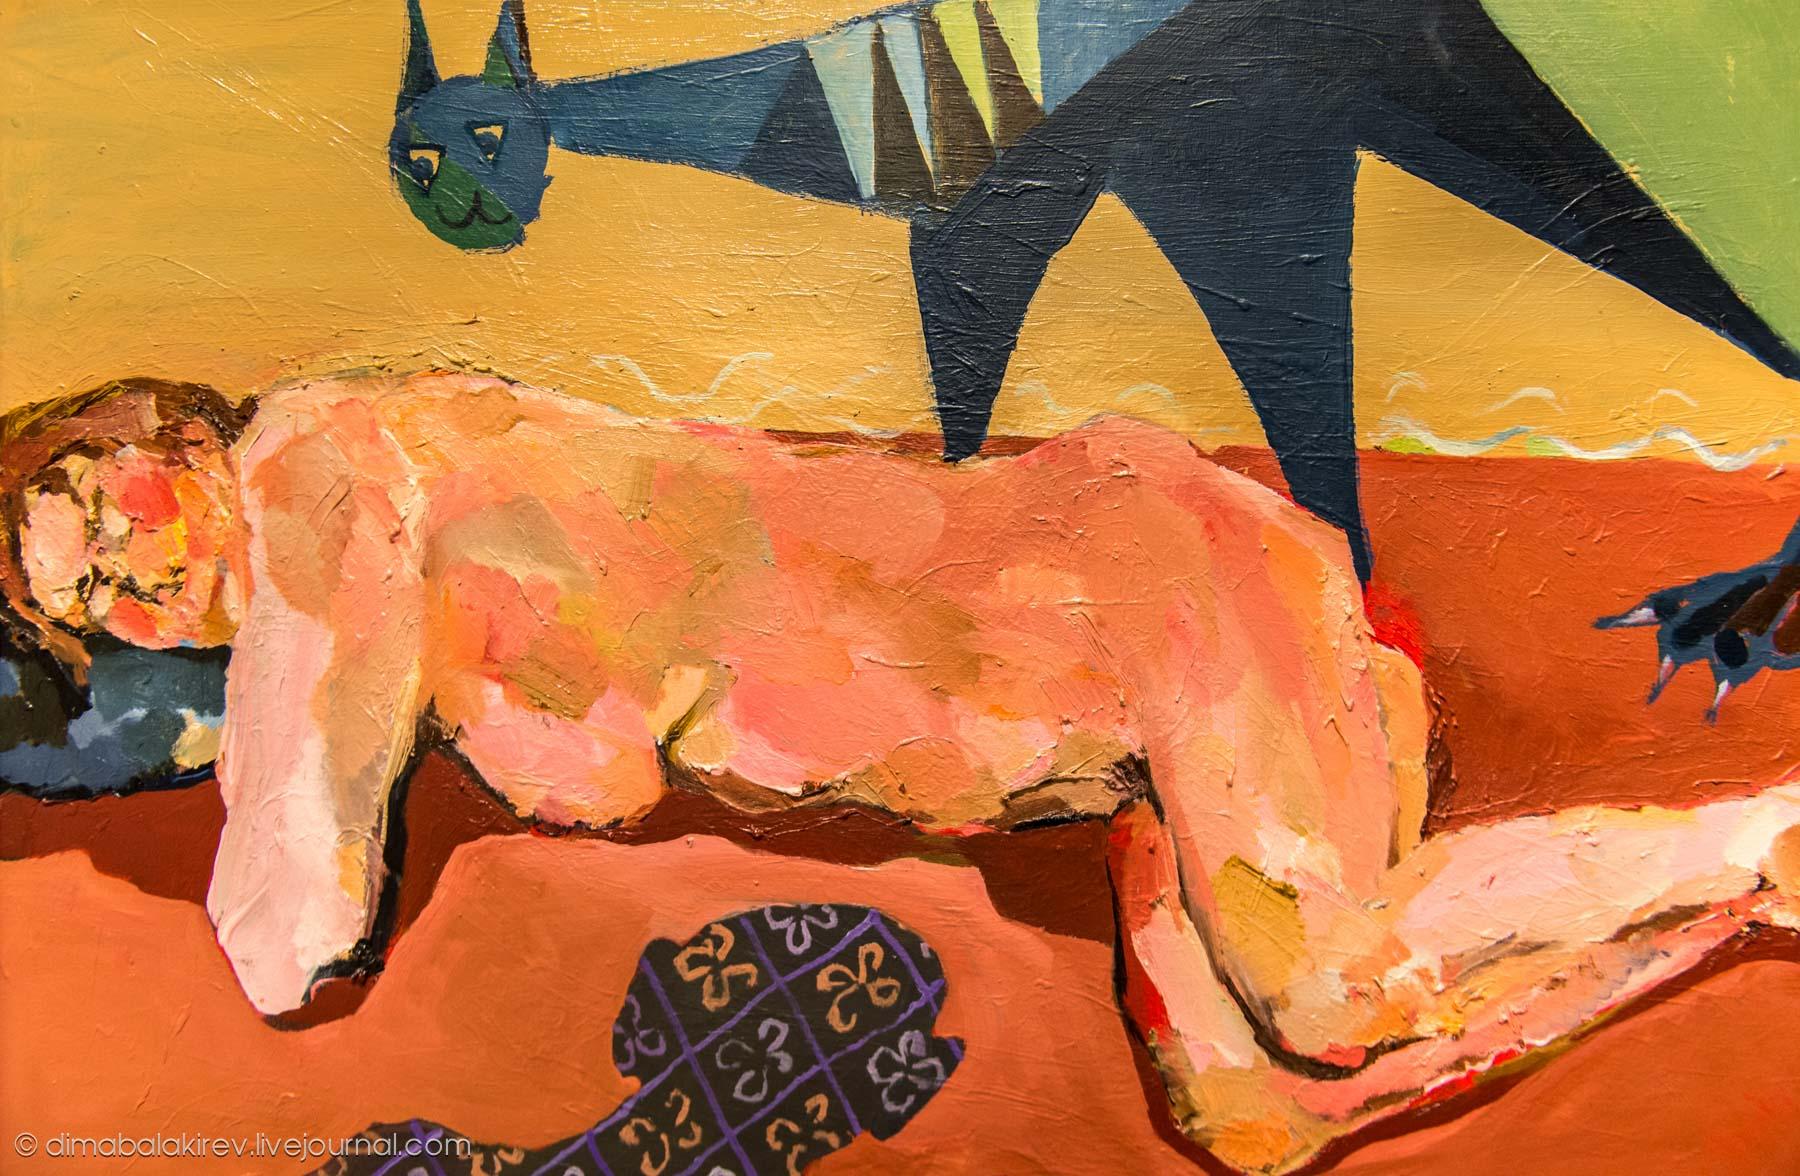 Музей современного искусства Эрарта  современного искусства Эрарта  современного искусства Эрарта